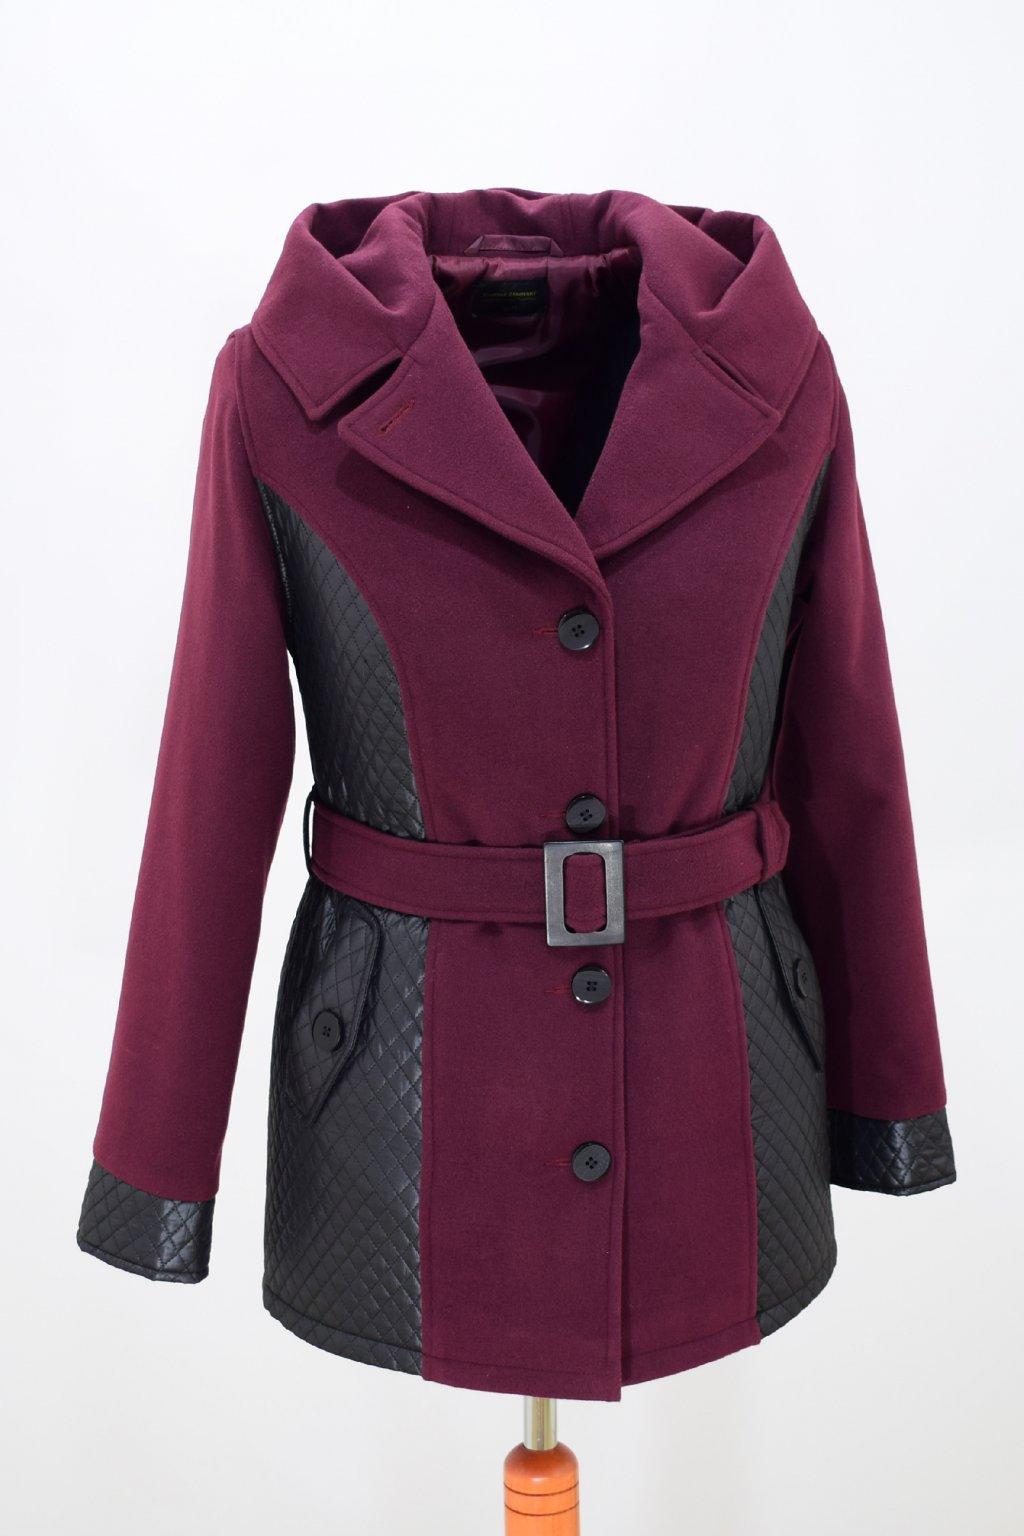 Dámský vínový zimní kabátek Aneta nadměrné velikosti.